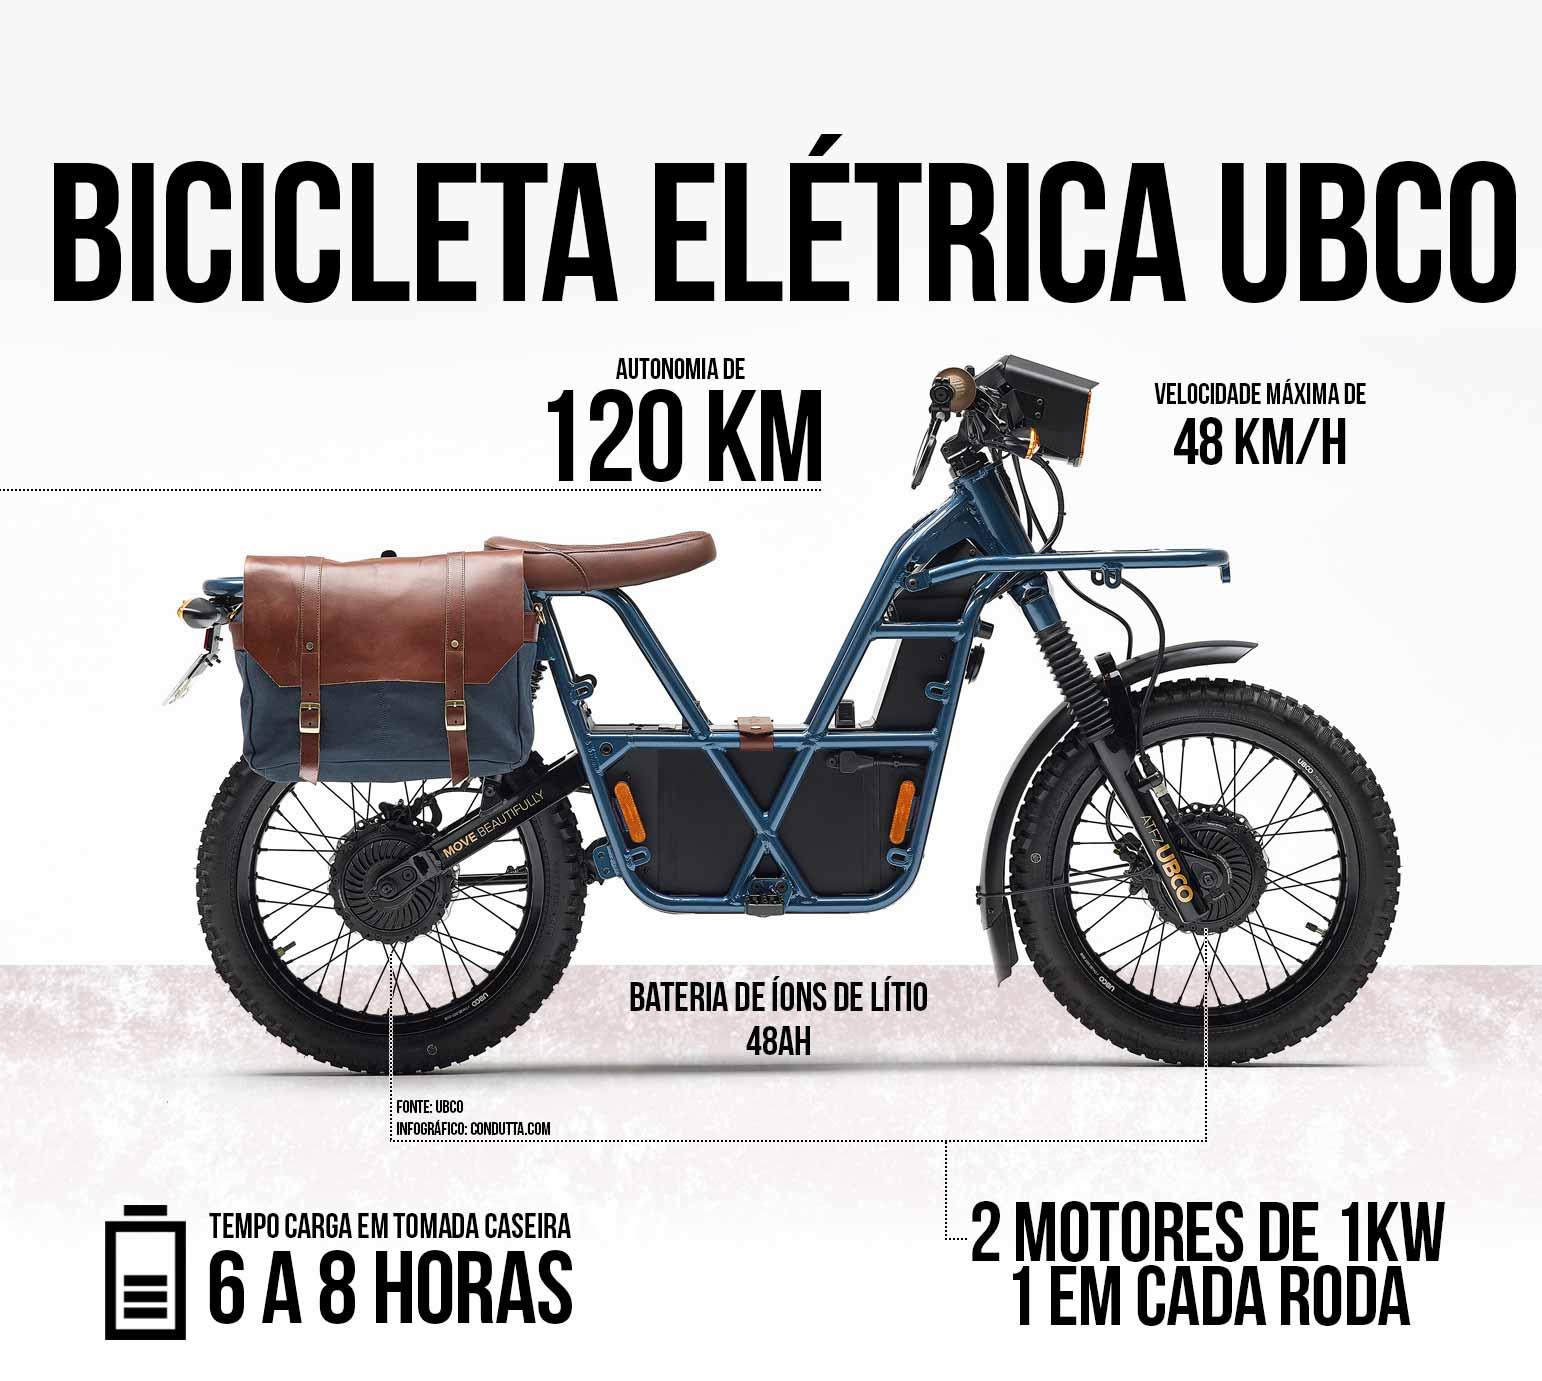 Empresa cria misto de bicicleta e moto elétrica de tração integral